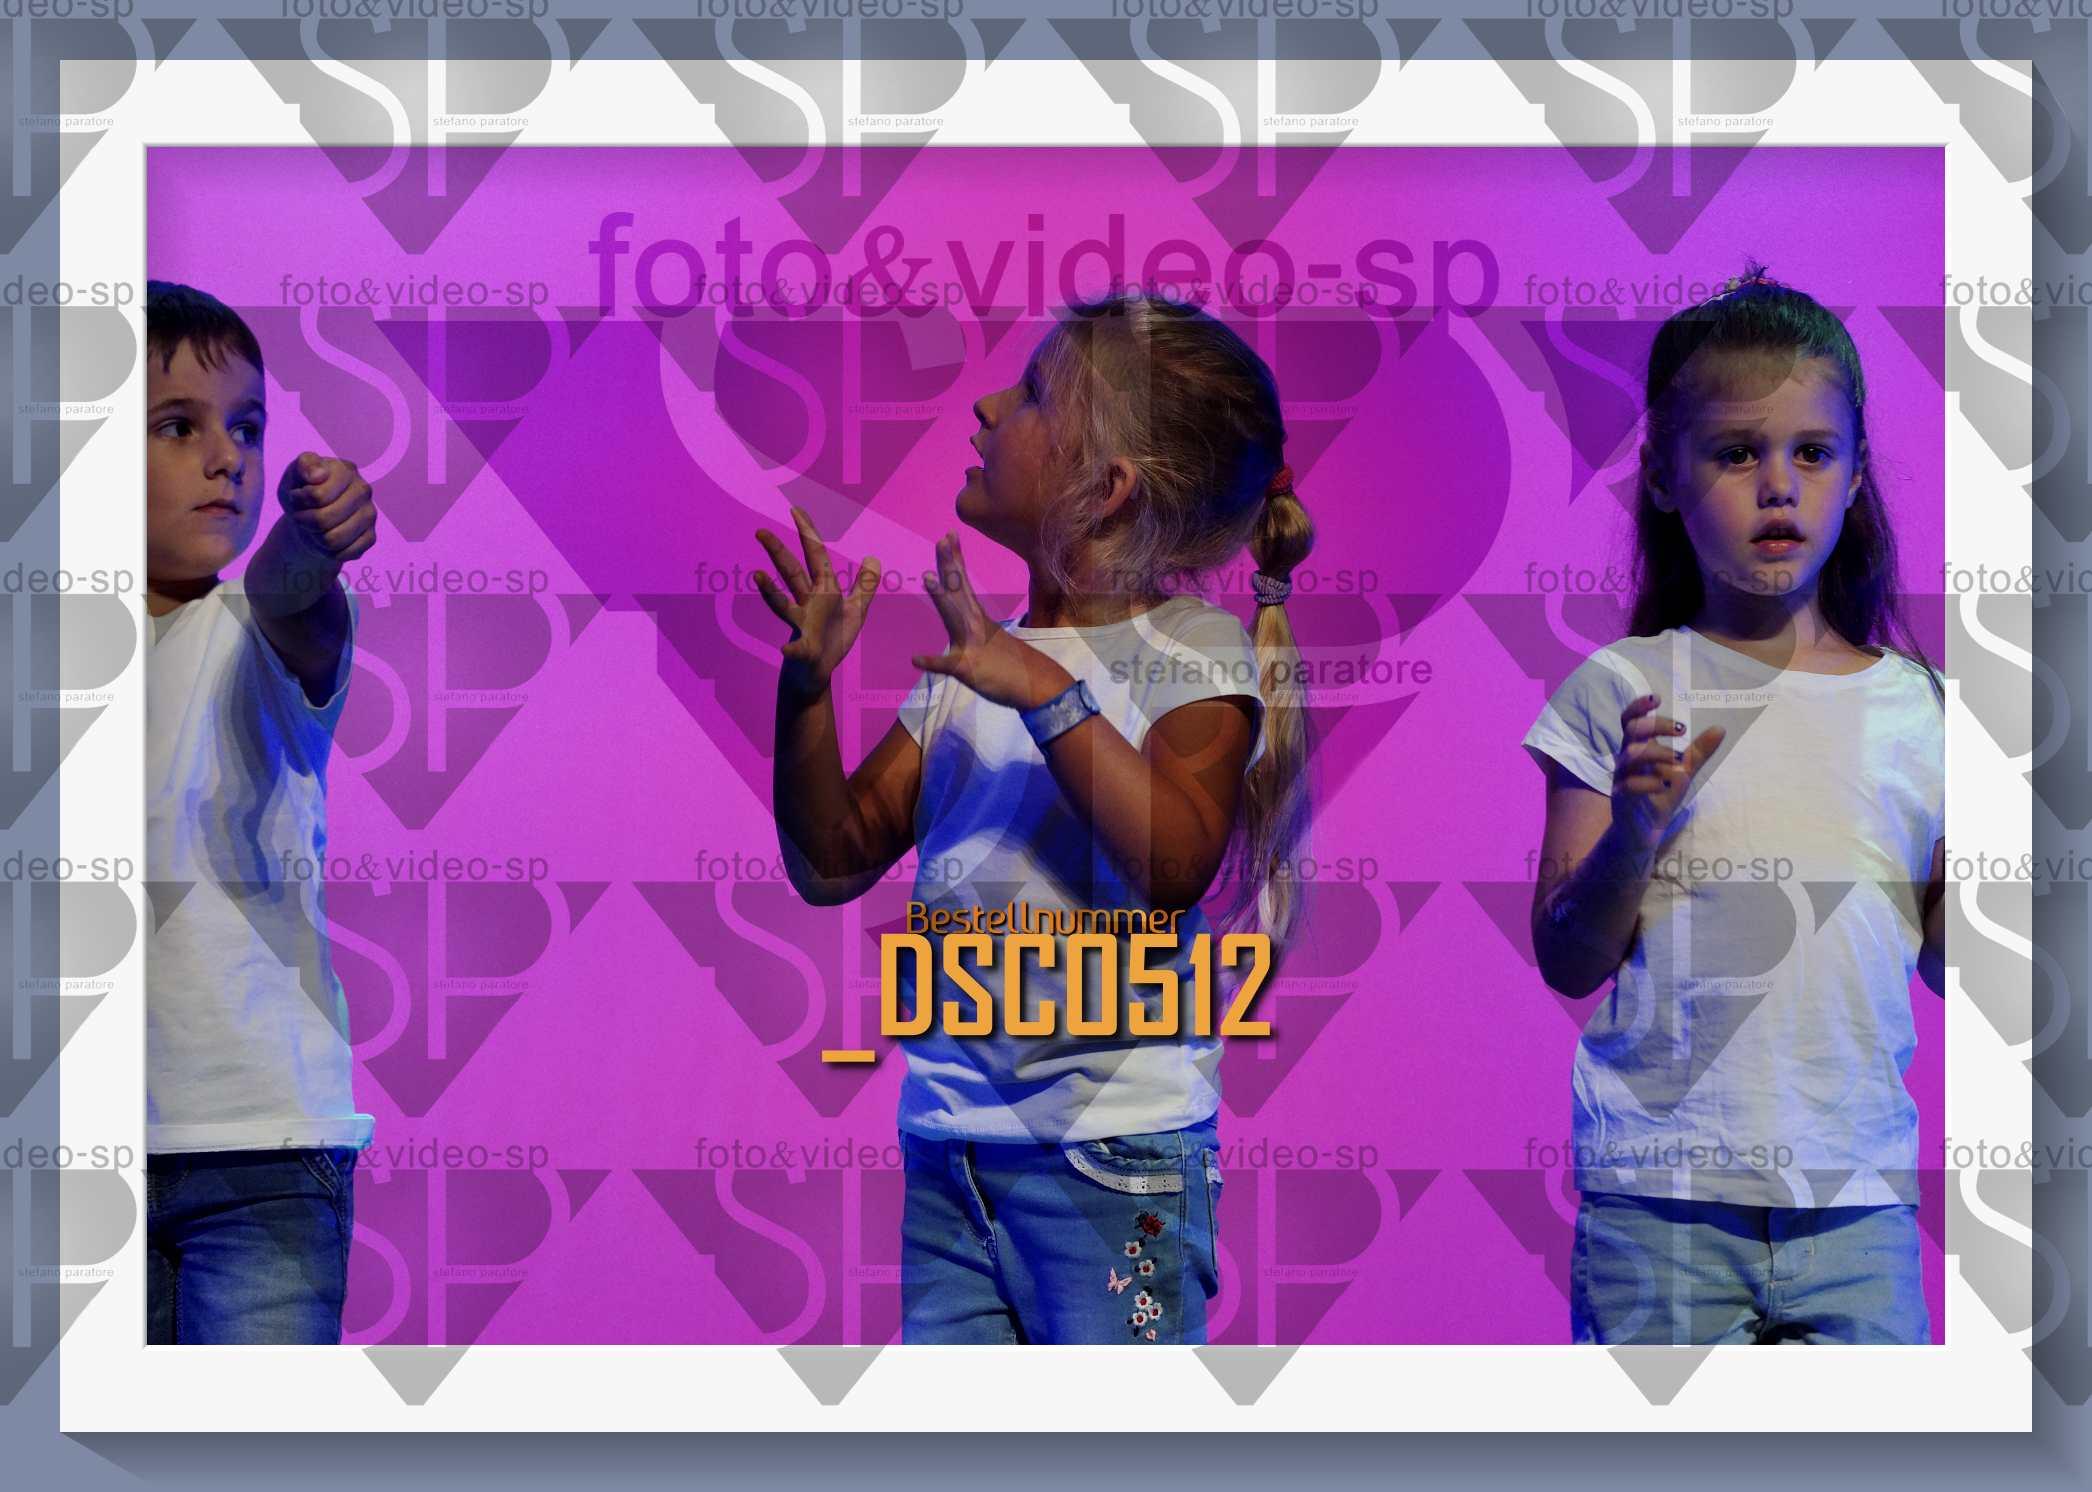 DSC0512